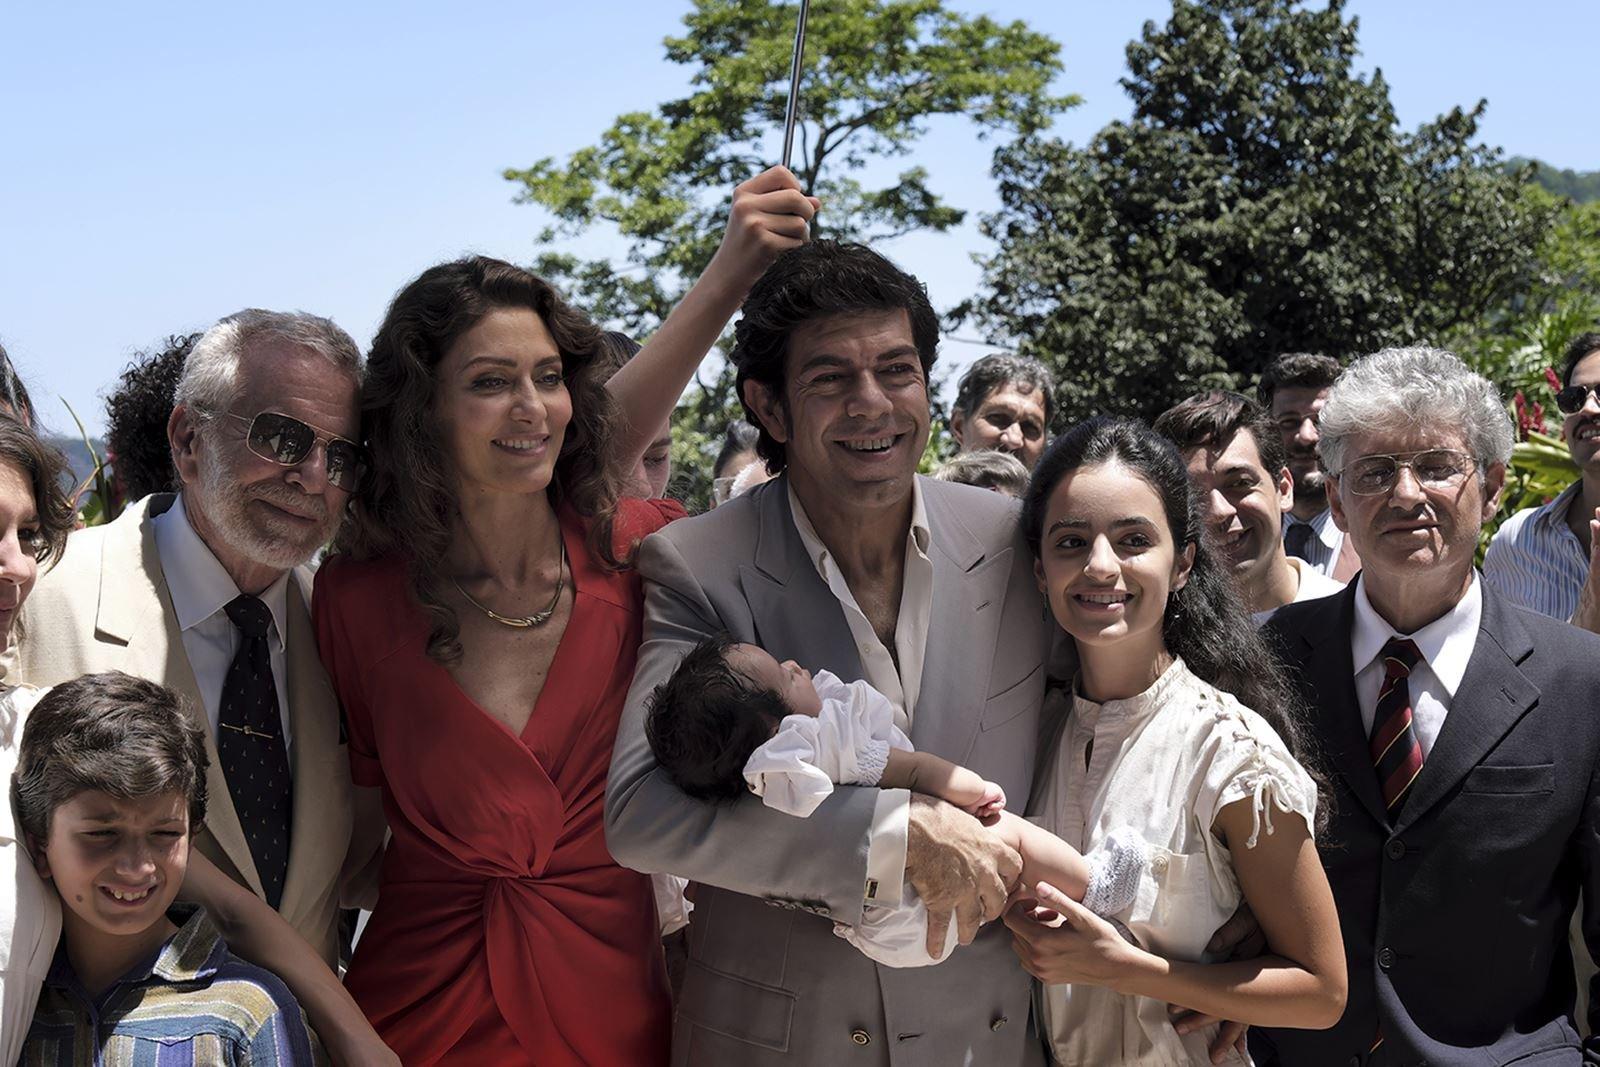 Dirigido por Marco Belloccio, O Traidor será exibido hoje pela primeira vez no Brasil